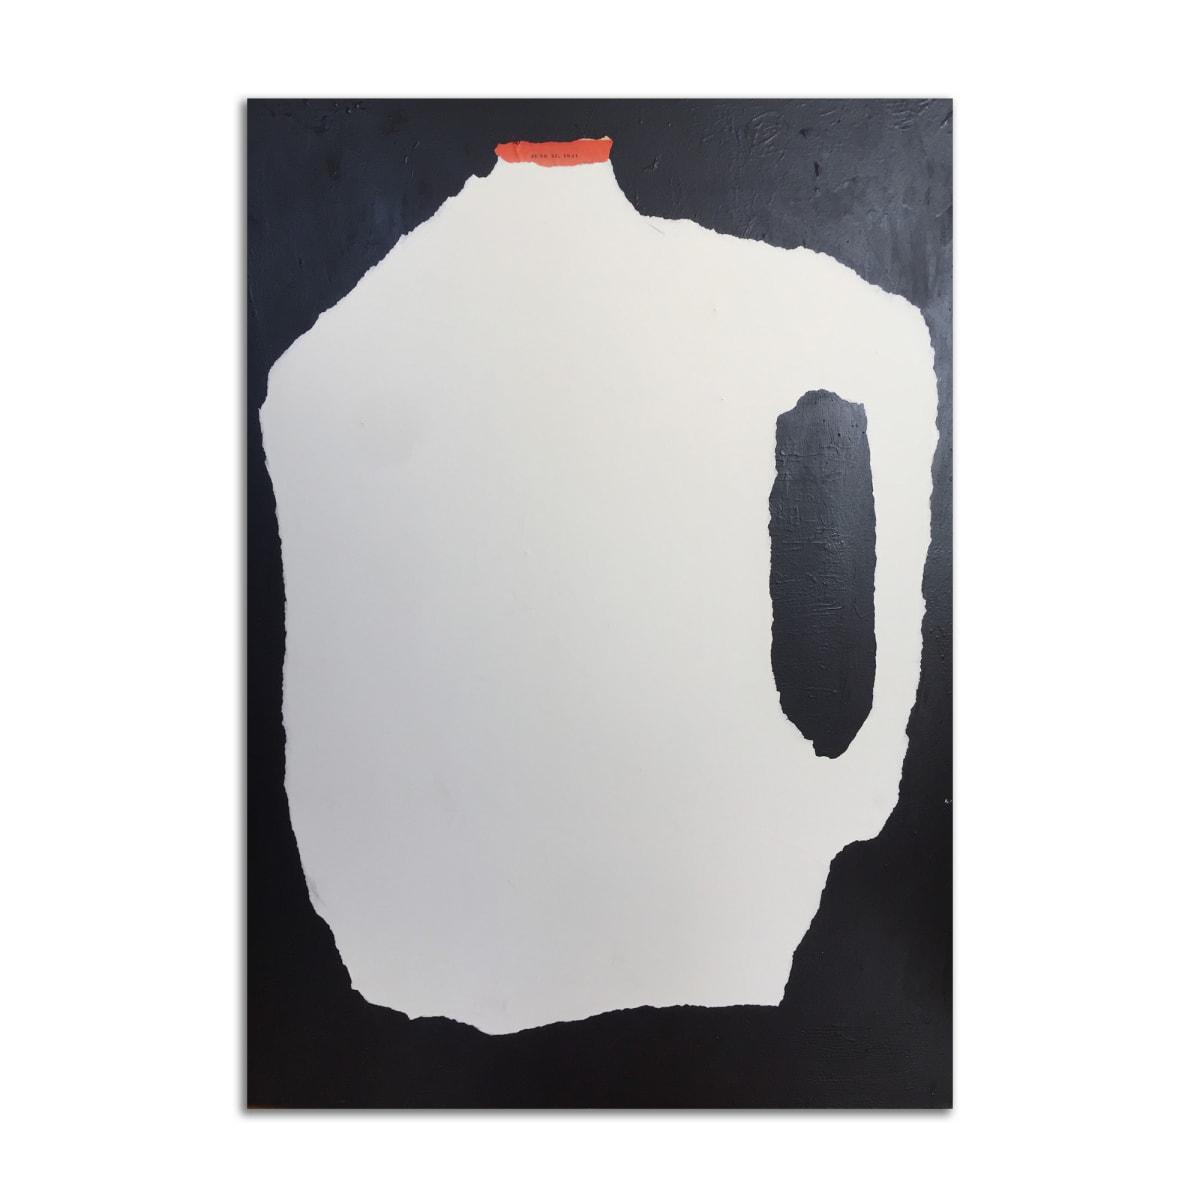 Milk by Rosie Winstead